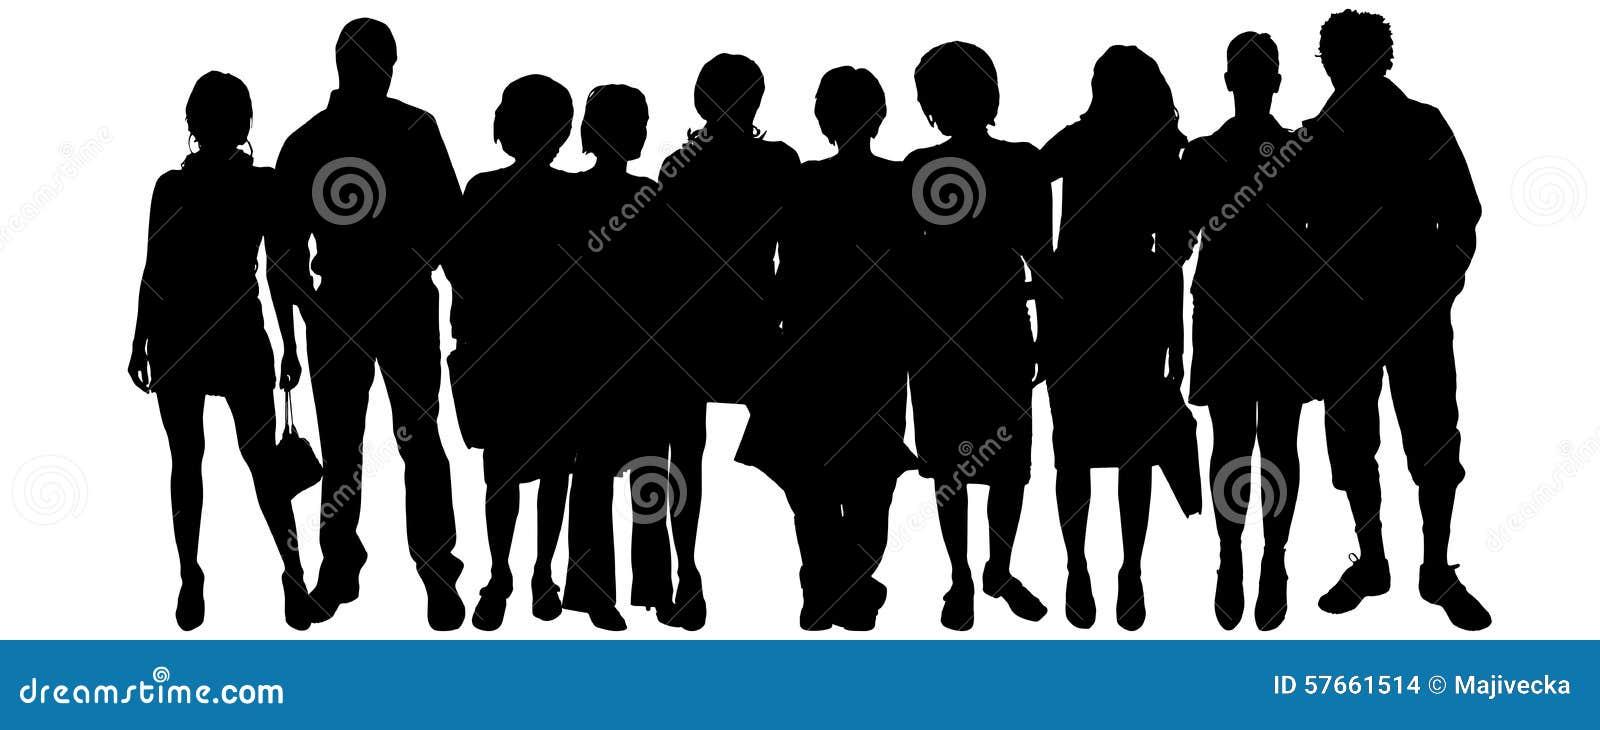 Silueta del vector de un grupo de personas